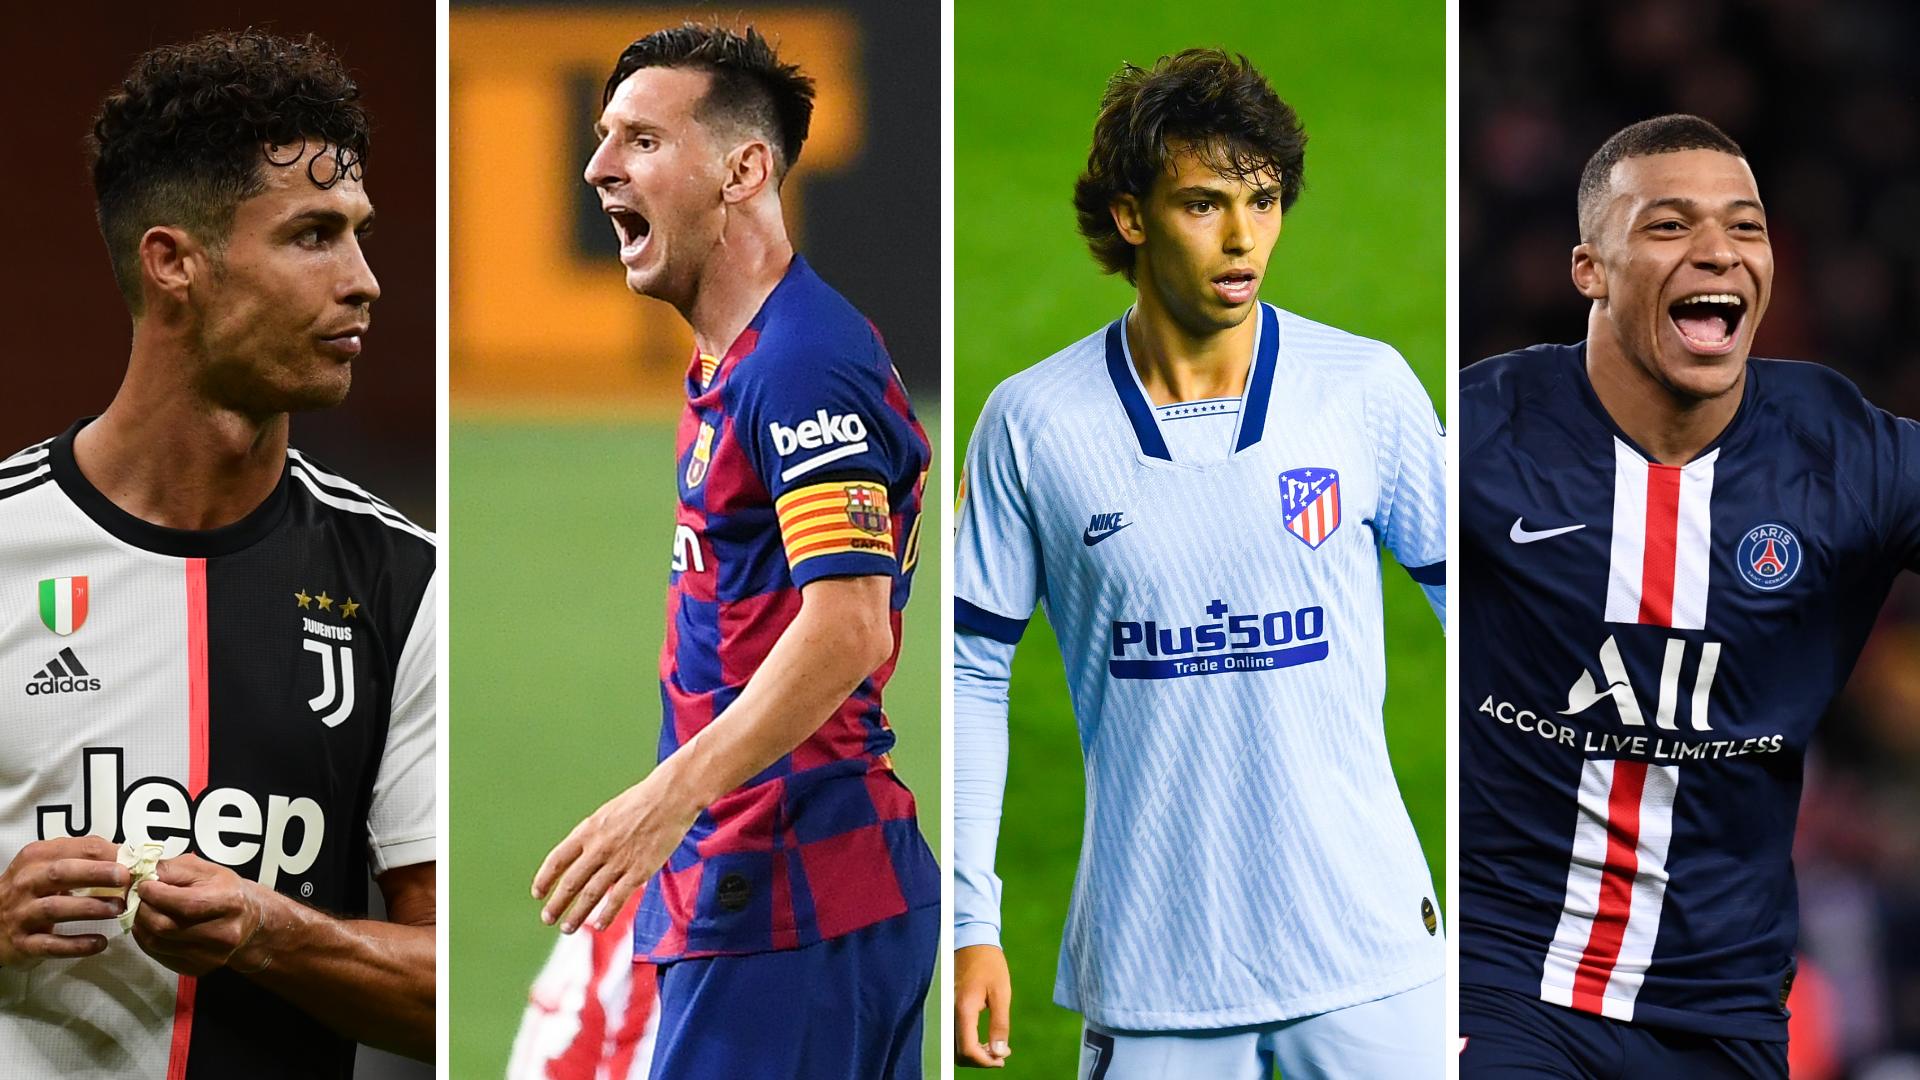 El Calendario De La Champions League 2020 Partidos Horarios Y Fechas De Octavos Cuartos Y Semifinales Goal Com